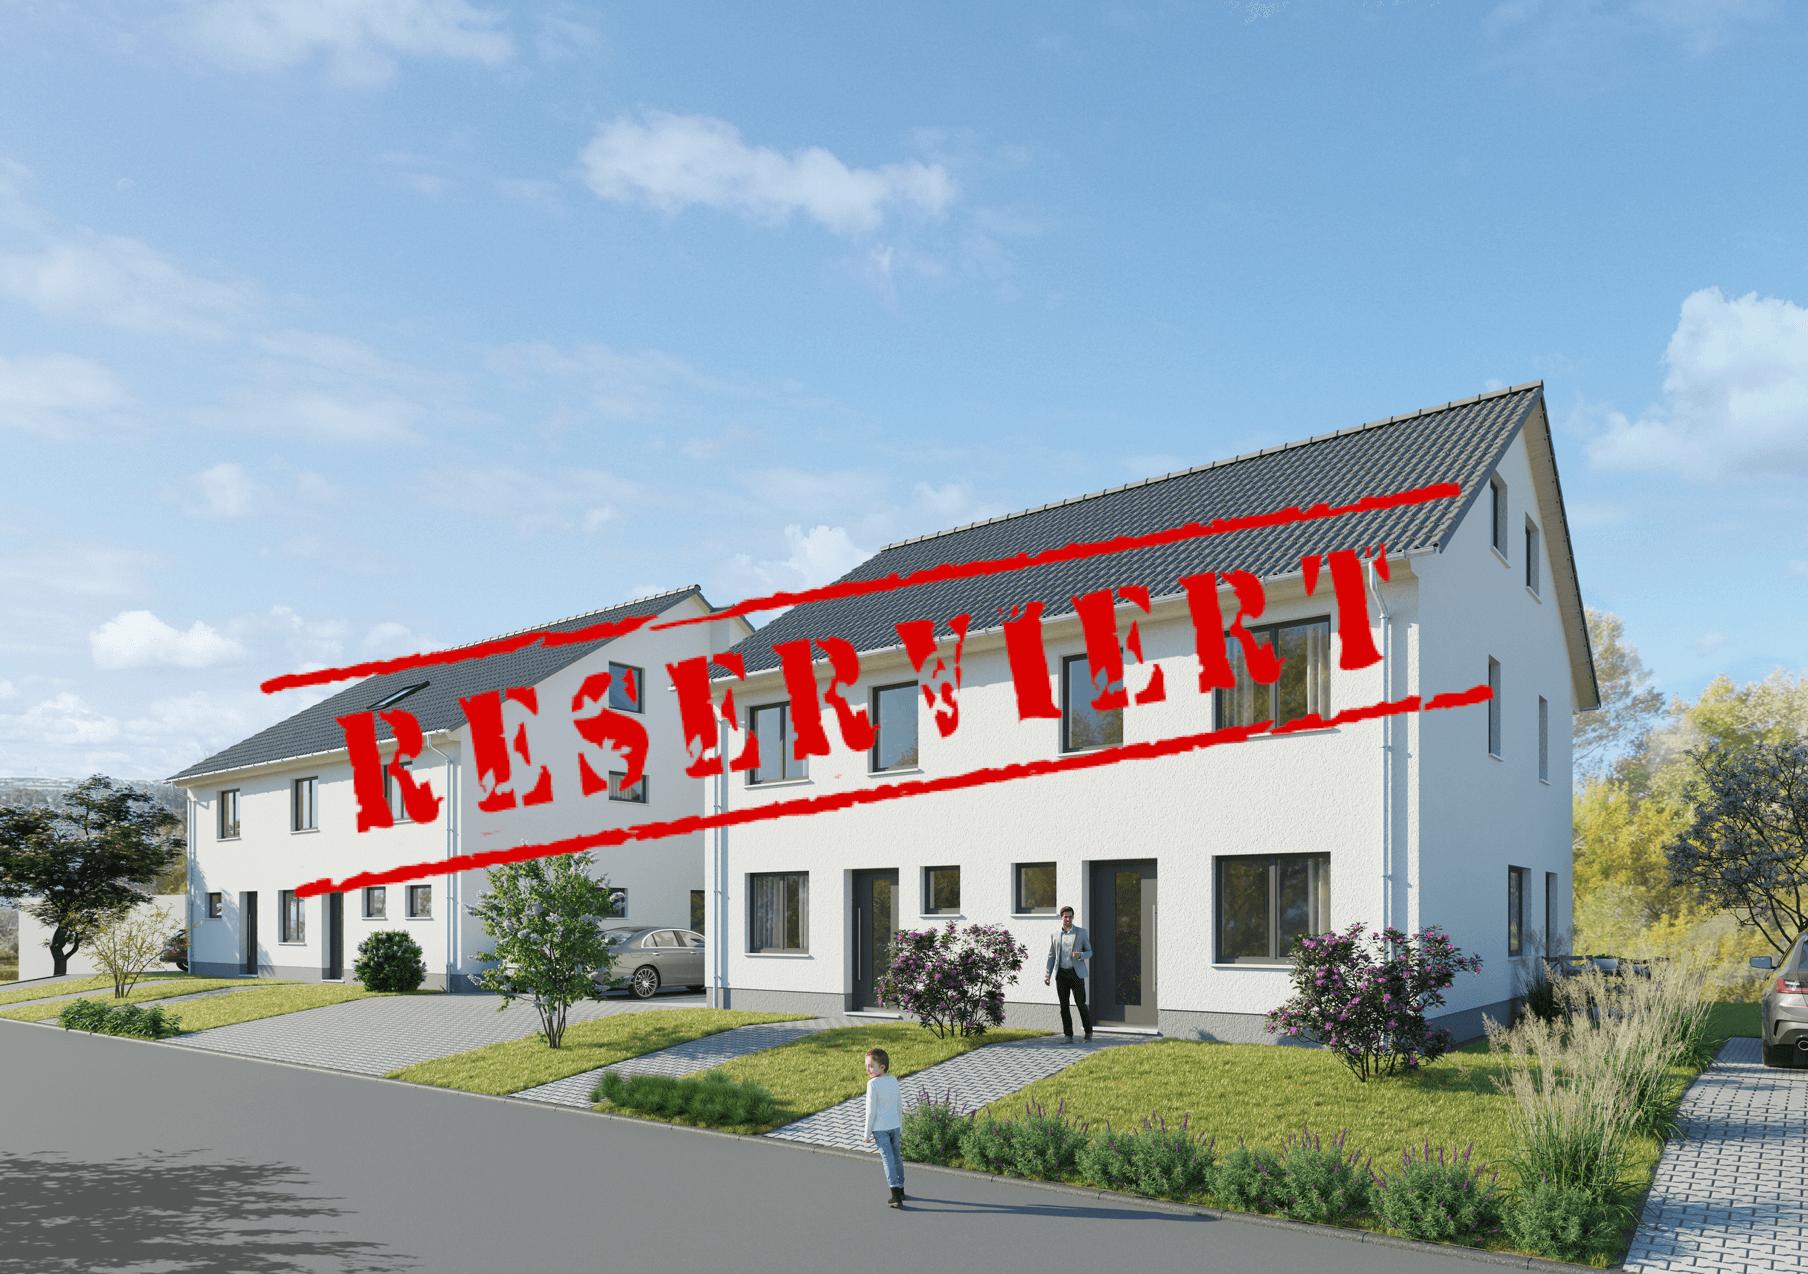 – derzeit reserviert- SEEBLICK: Nur noch eine Neubau-Doppelhaushälfte inkl. Außenstellplatz & voll unterkellert in Daxlanden verfügbar